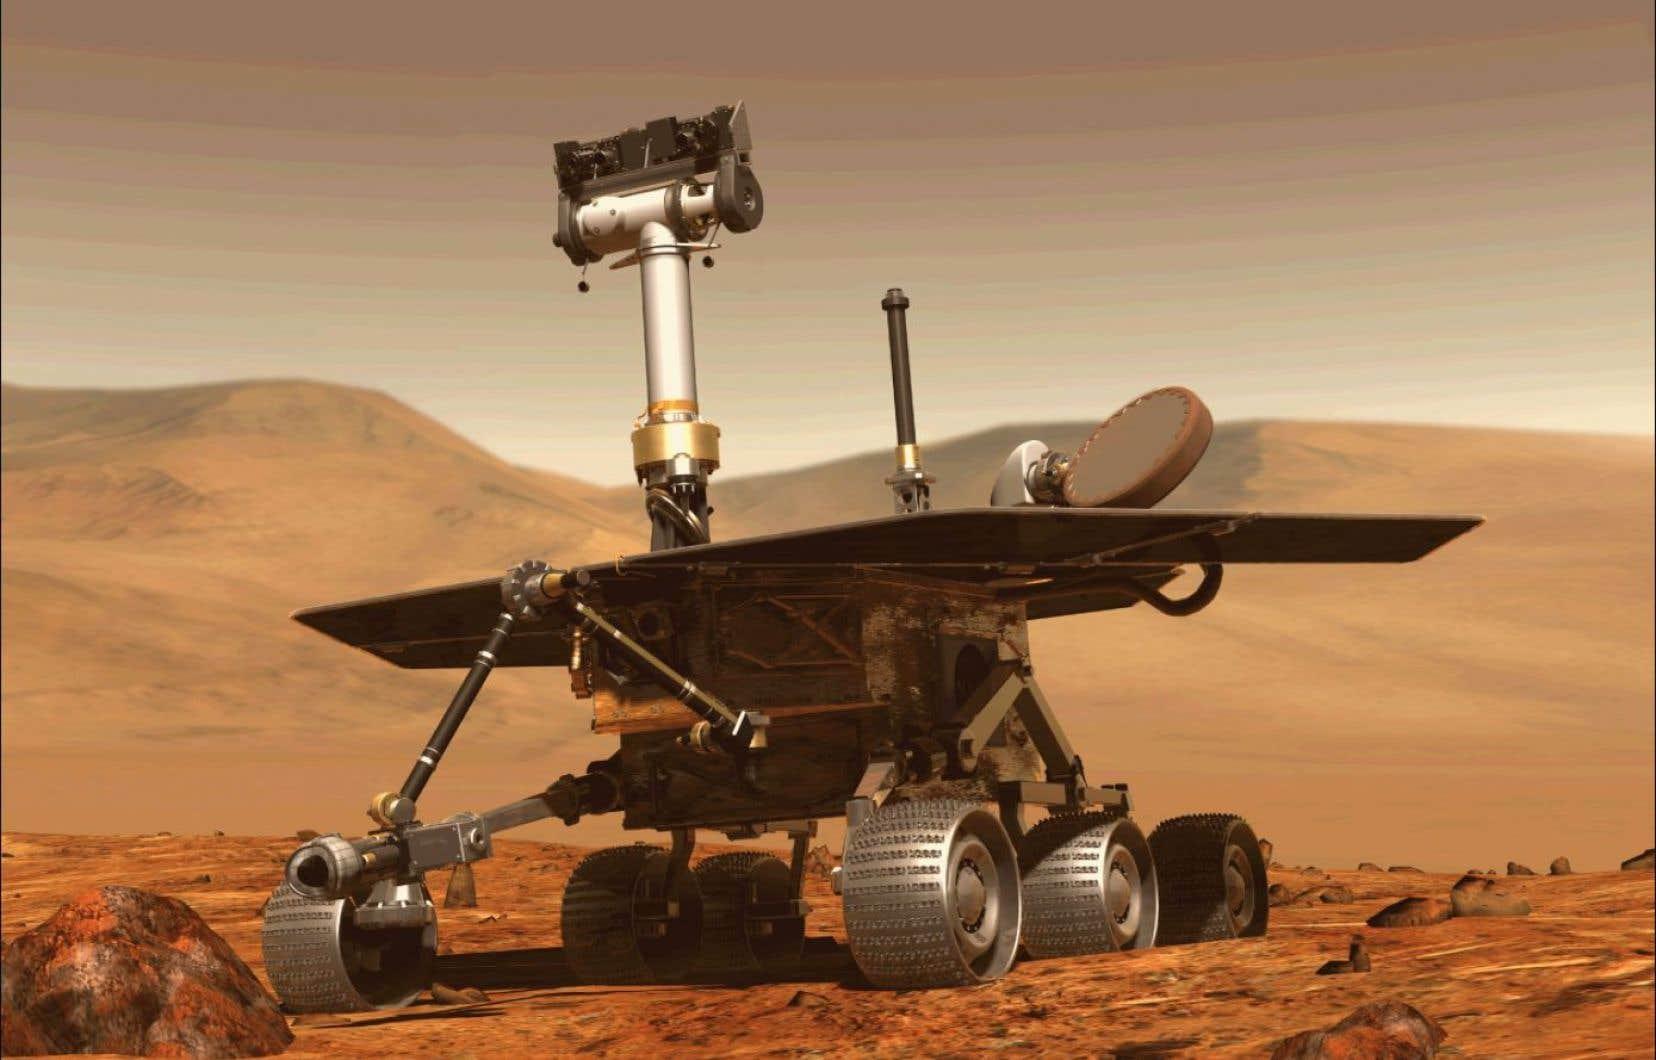 Le robot Opportunity, dont on voit ici sur une illustration 3D de la NASA, roulait sur Mars depuis 2004.